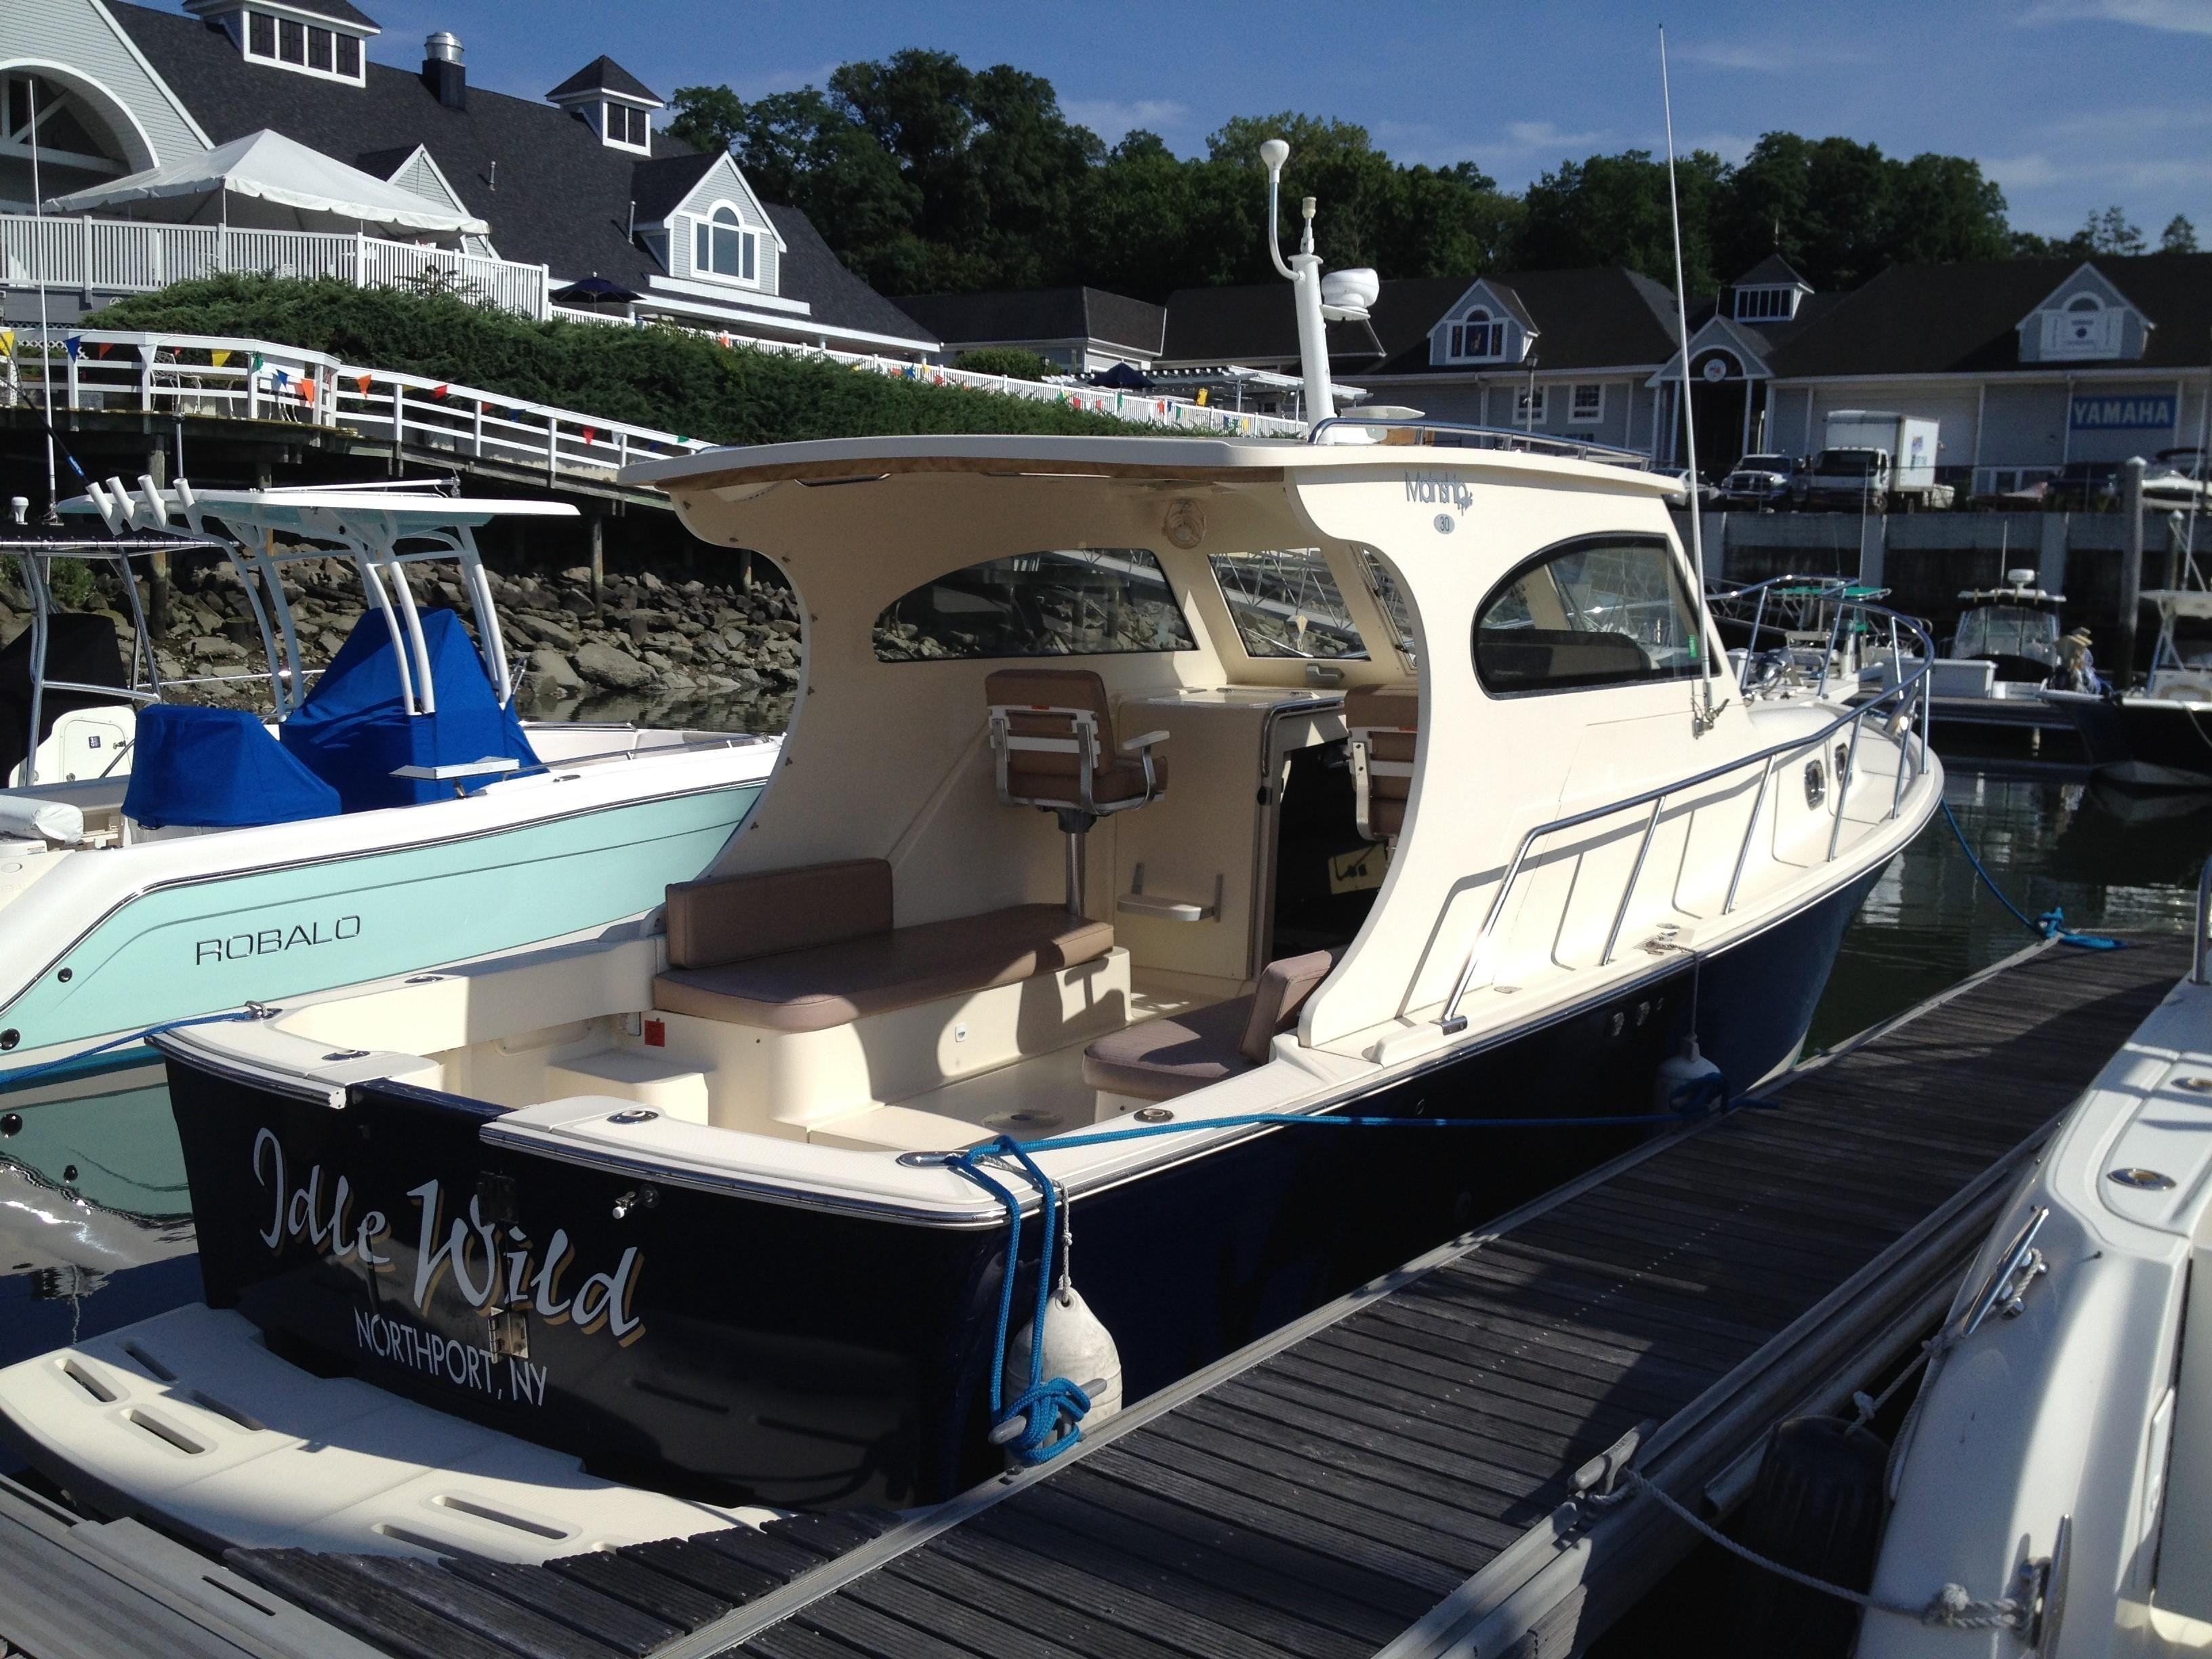 2007 Mainship Pilot 30 Sedan Power Boat For Sale - www